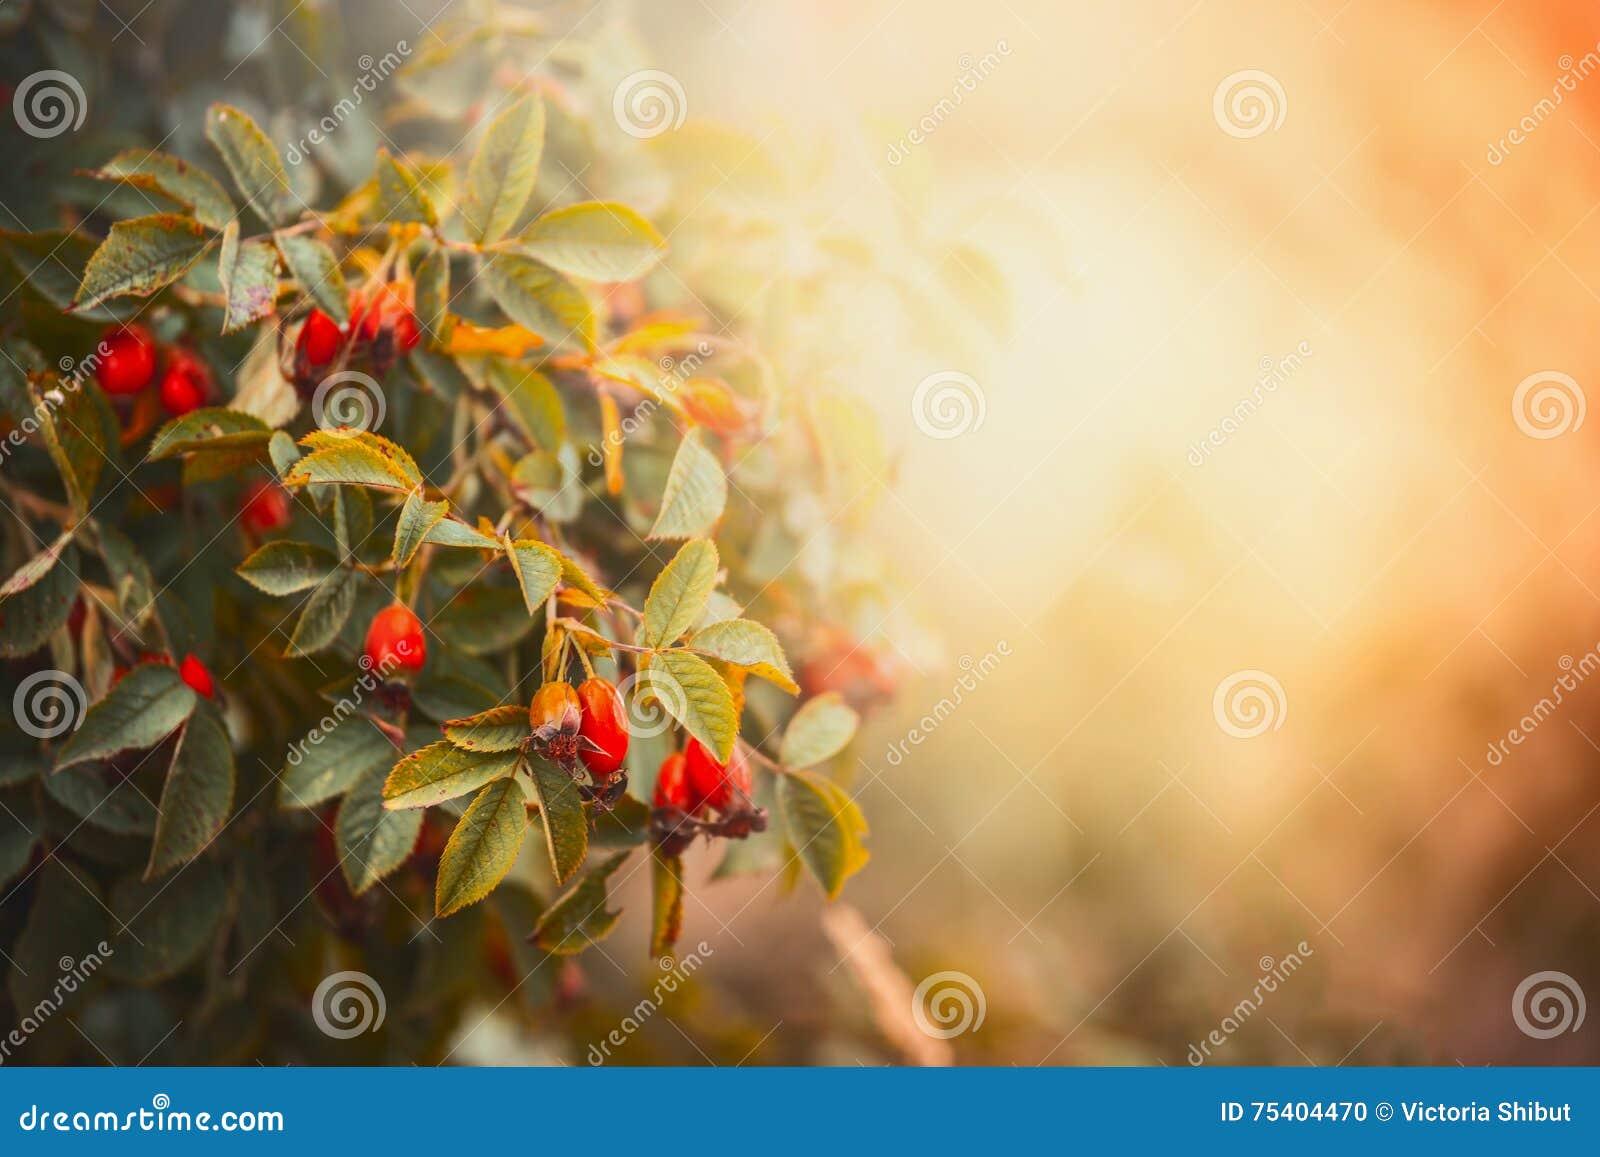 Roses de chien avec les fruits et les baies rouges au coucher du soleil dans le jardin ou le parc Jolie nature d automne